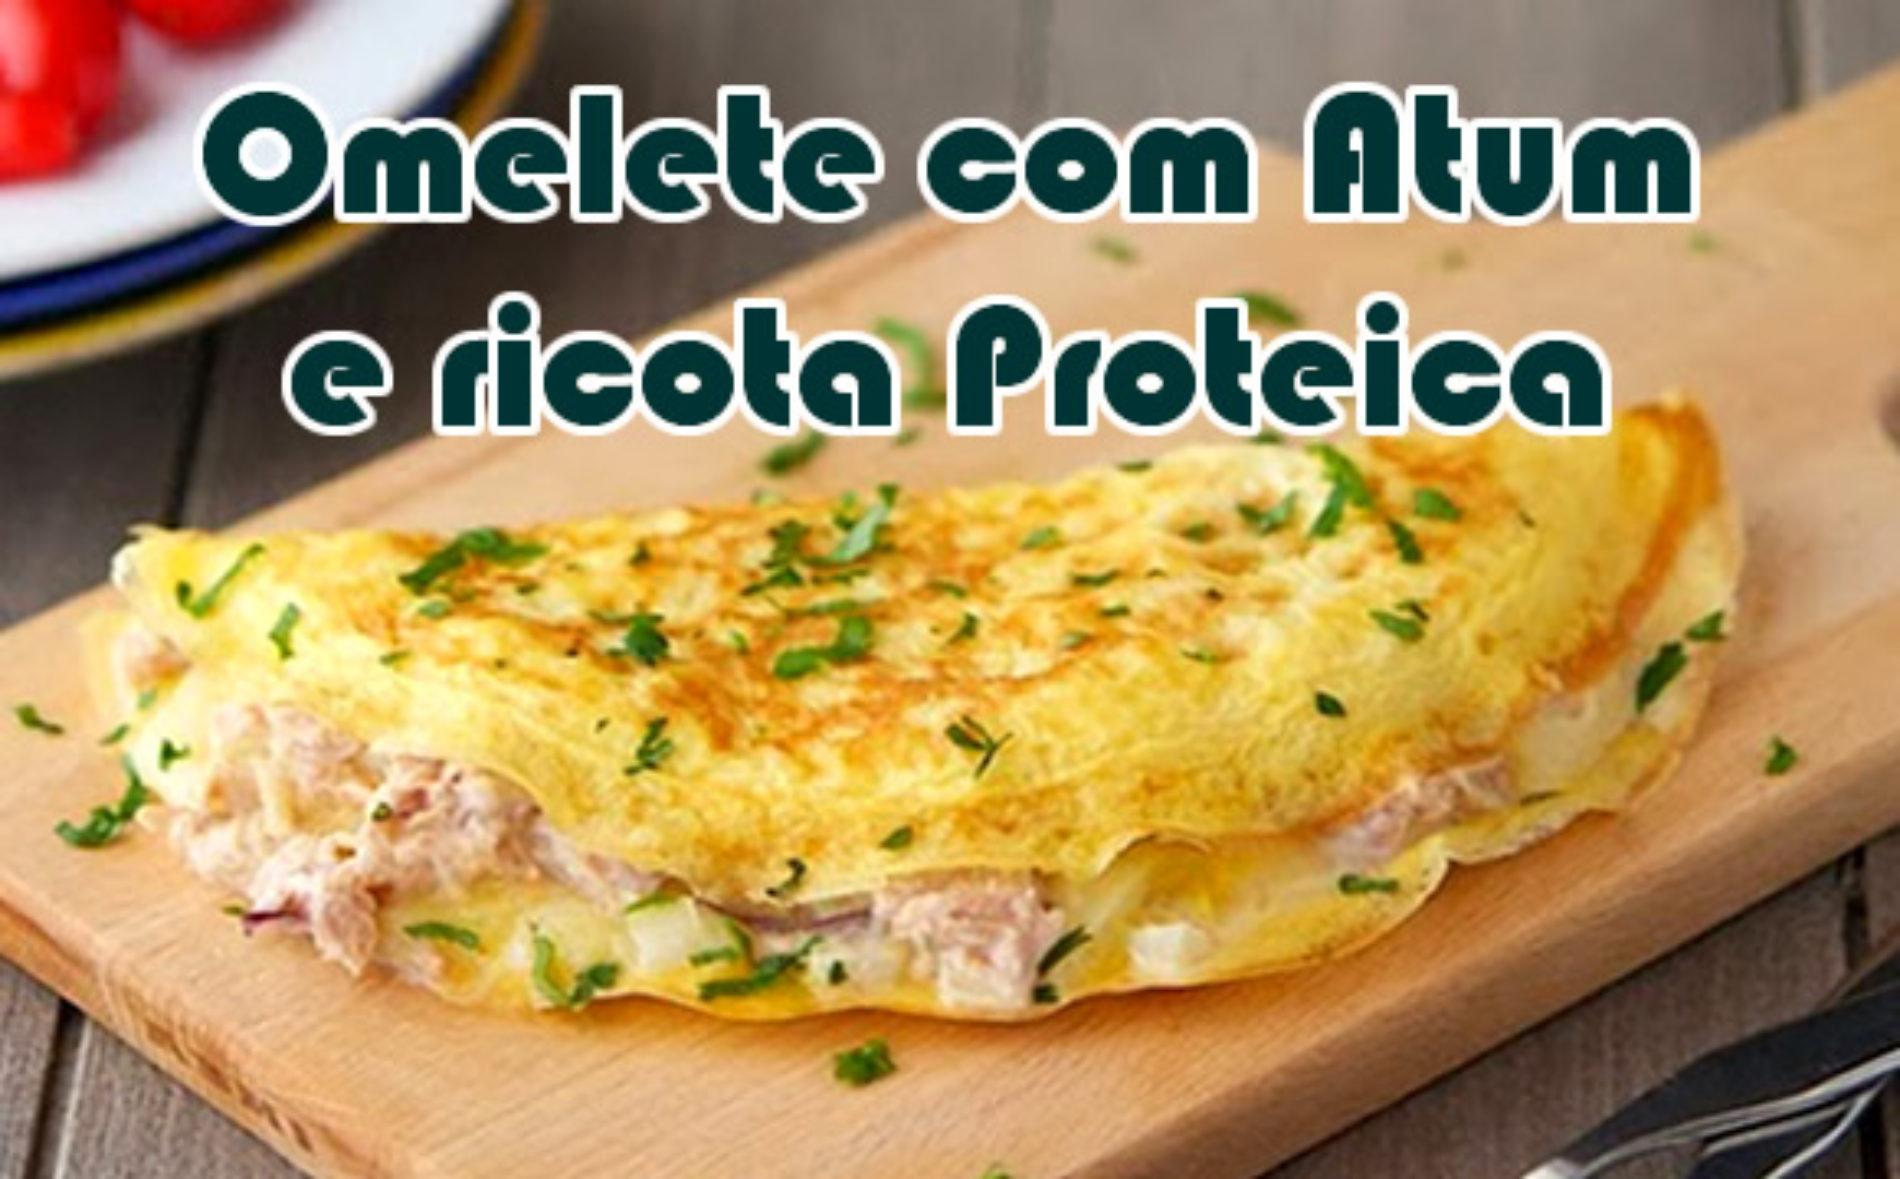 Omelete de atum rica em proteinas